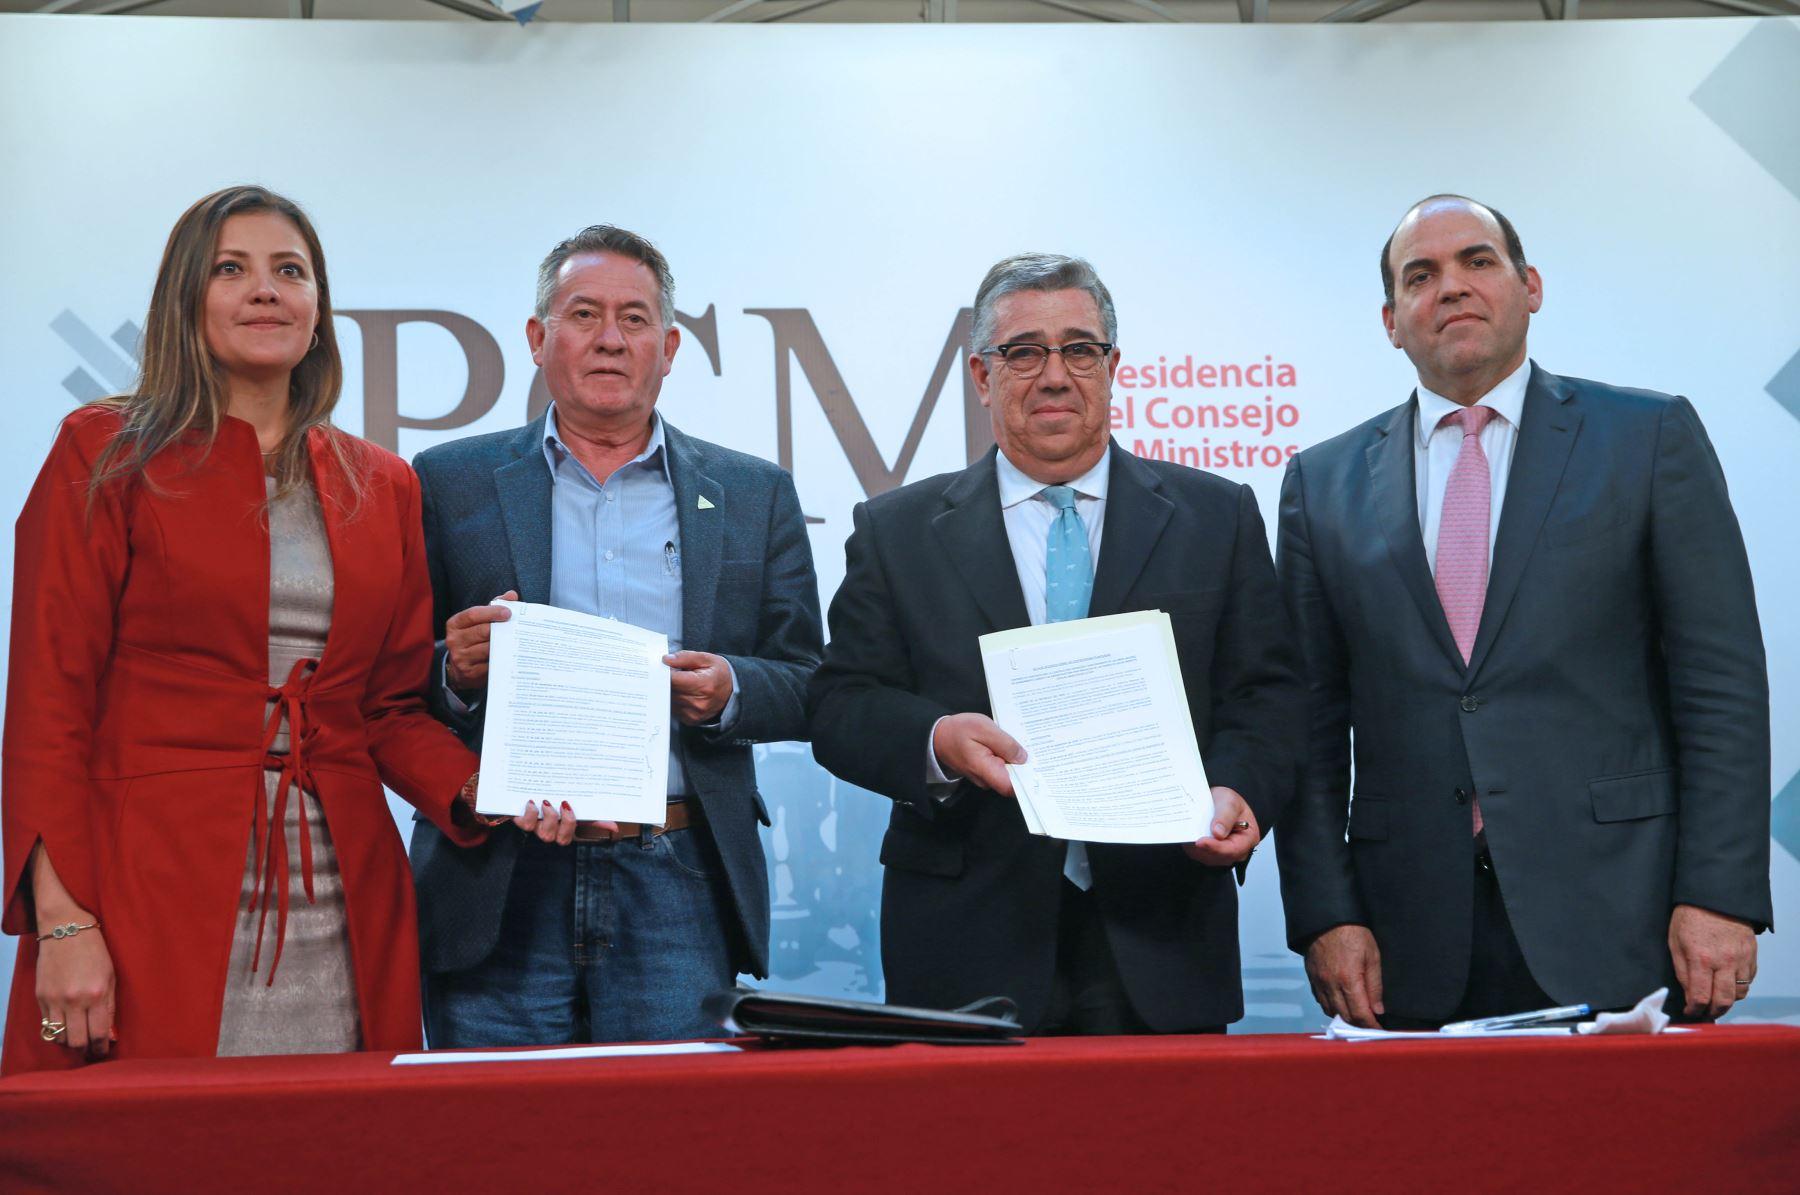 El Ejecutivo y el Gobierno Regional de Arequipa suscribieron hoy un convenio para reimpulsar el proyecto Majes-Siguas 2, mediante la implementación de riego tecnificado, para un aprovechamiento eficiente del agua y en beneficio de 38,000 hectáreas del valle. ANDINA/Dante Zegarra